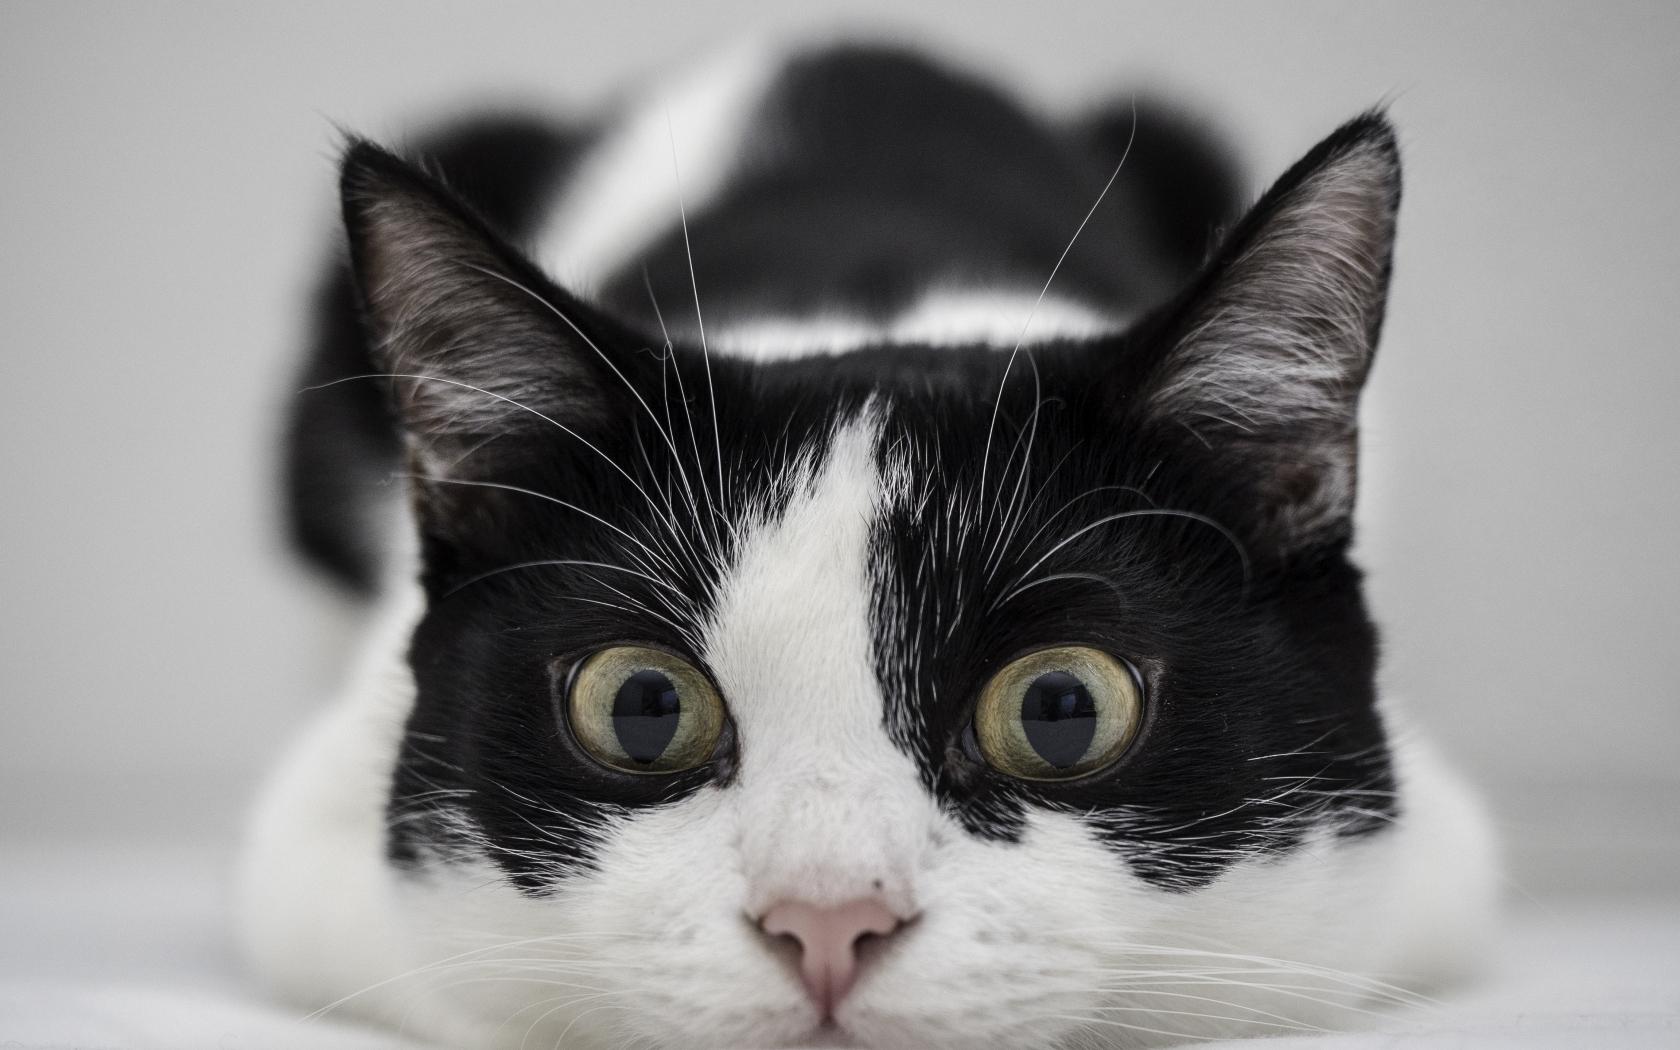 Un gato blanco y negro - 1680x1050